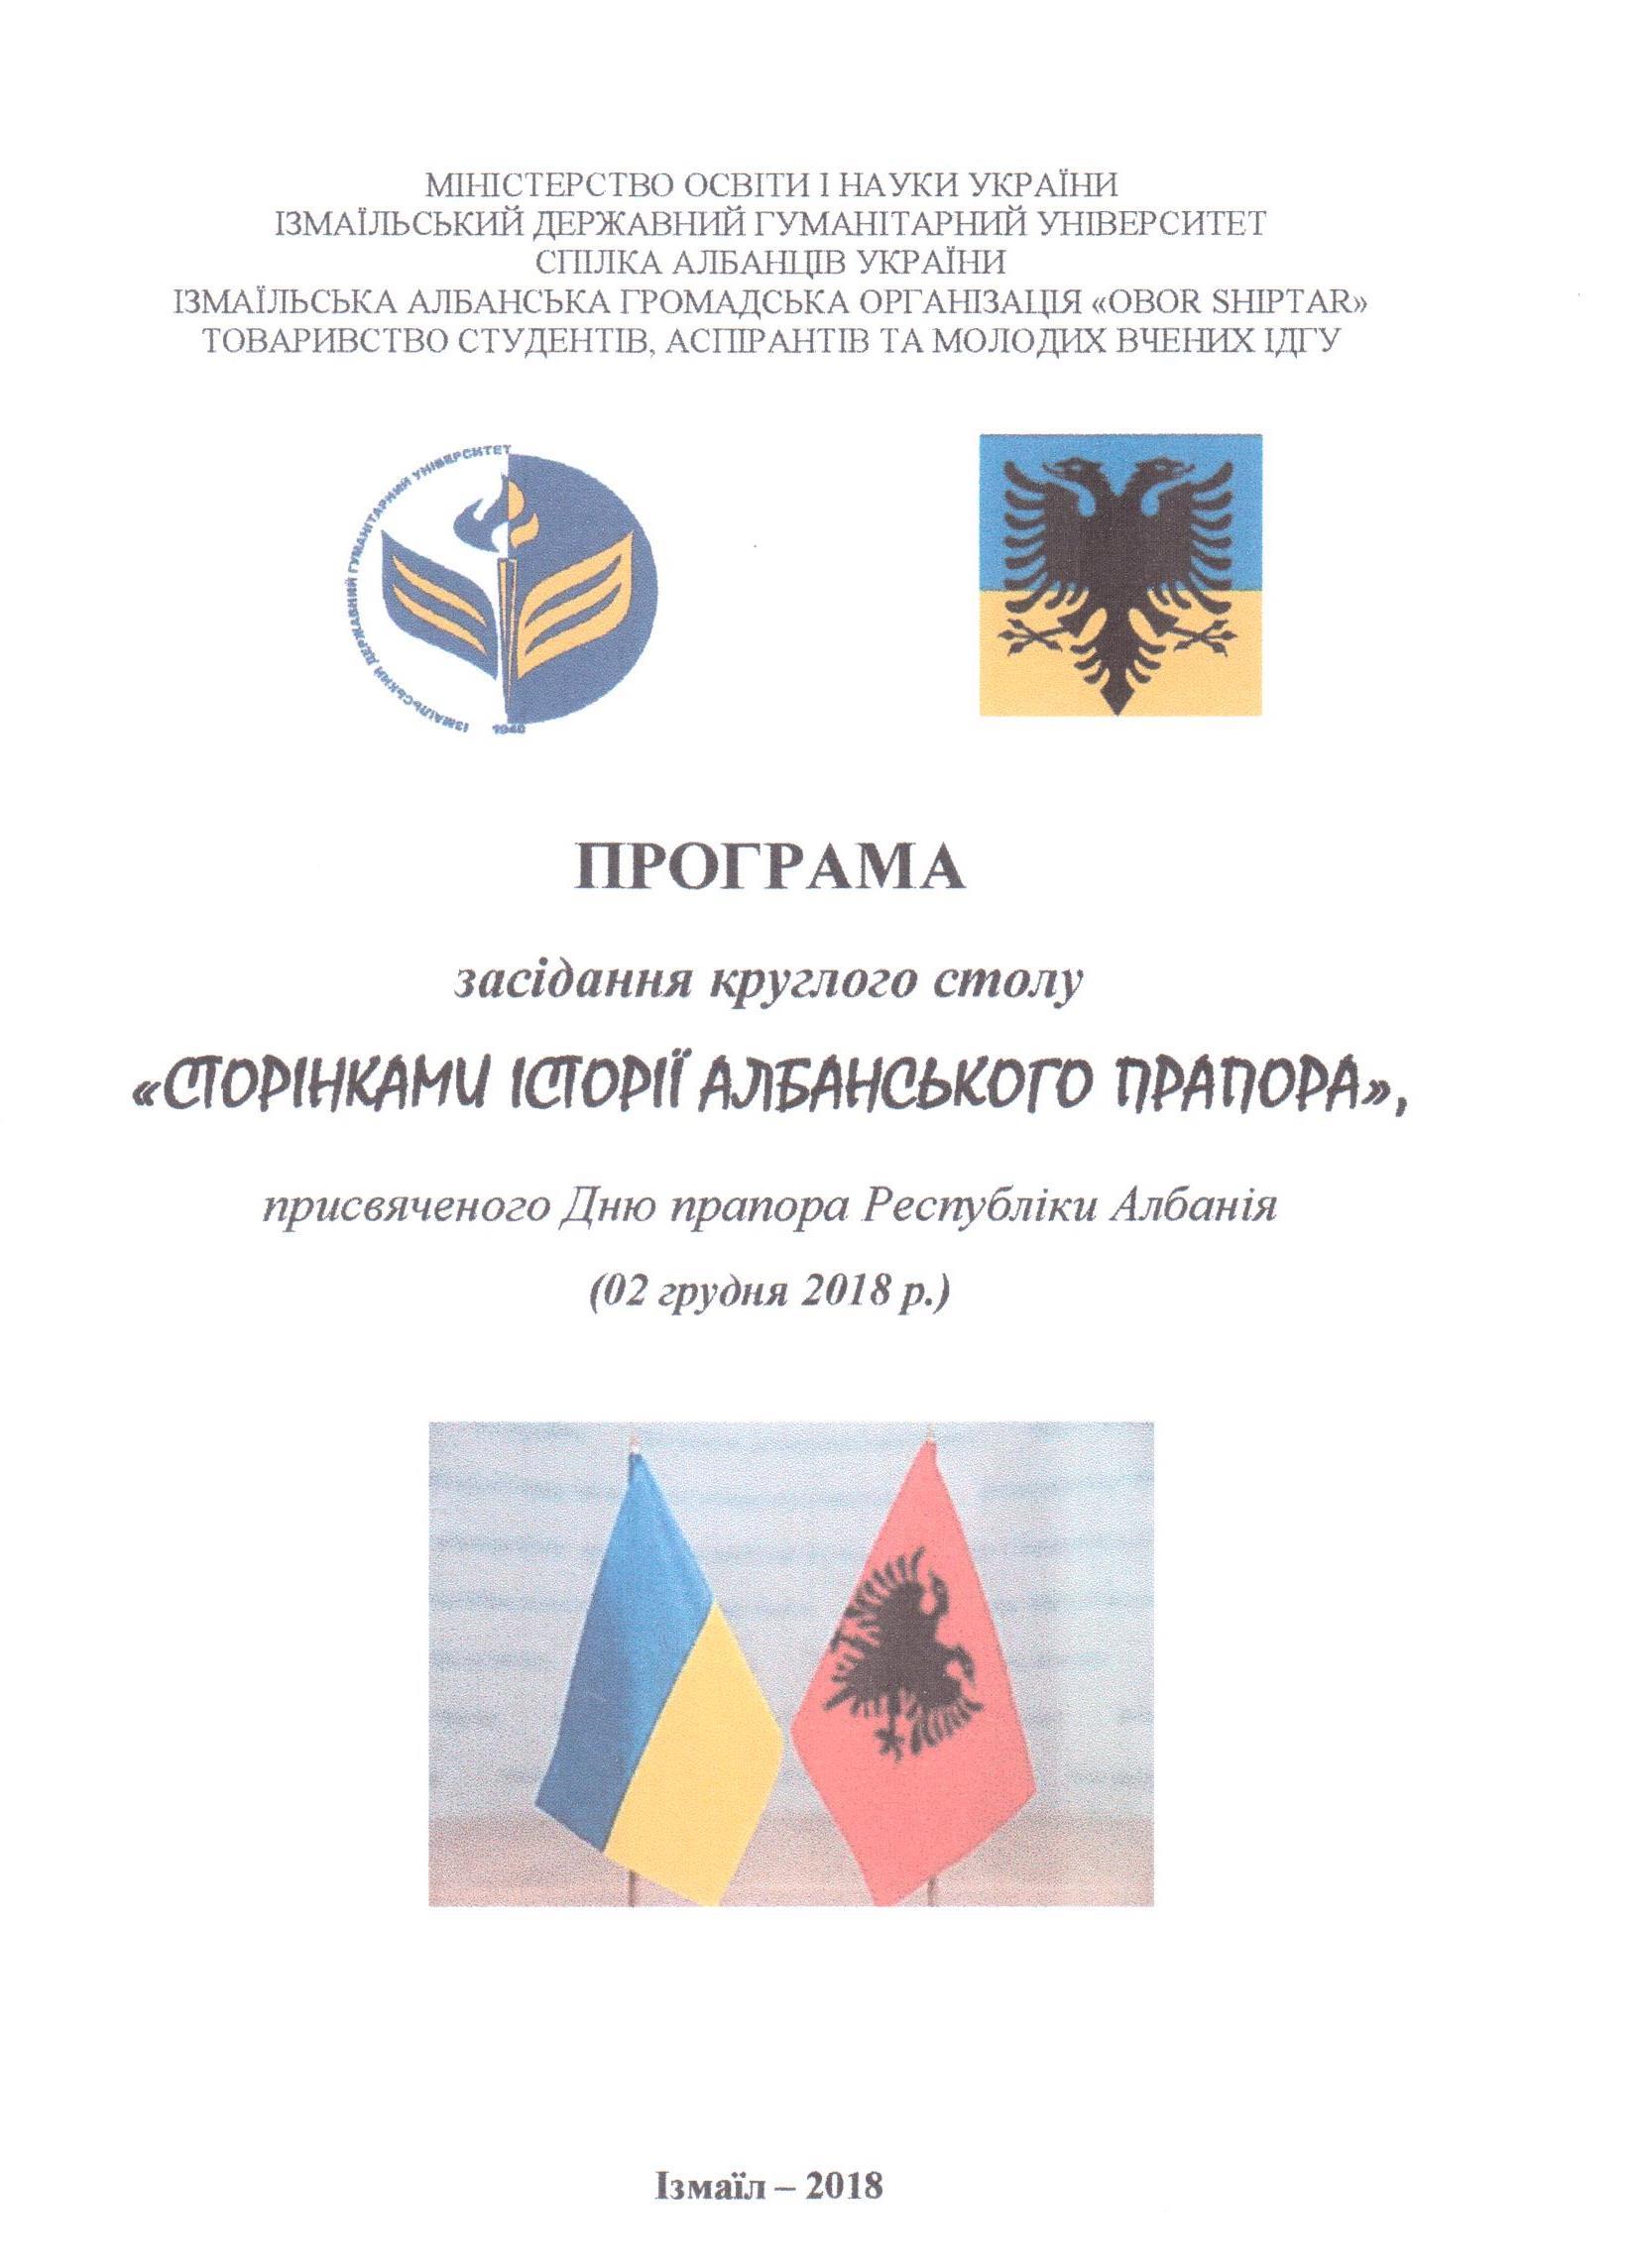 Сторінками історії албанського прапора